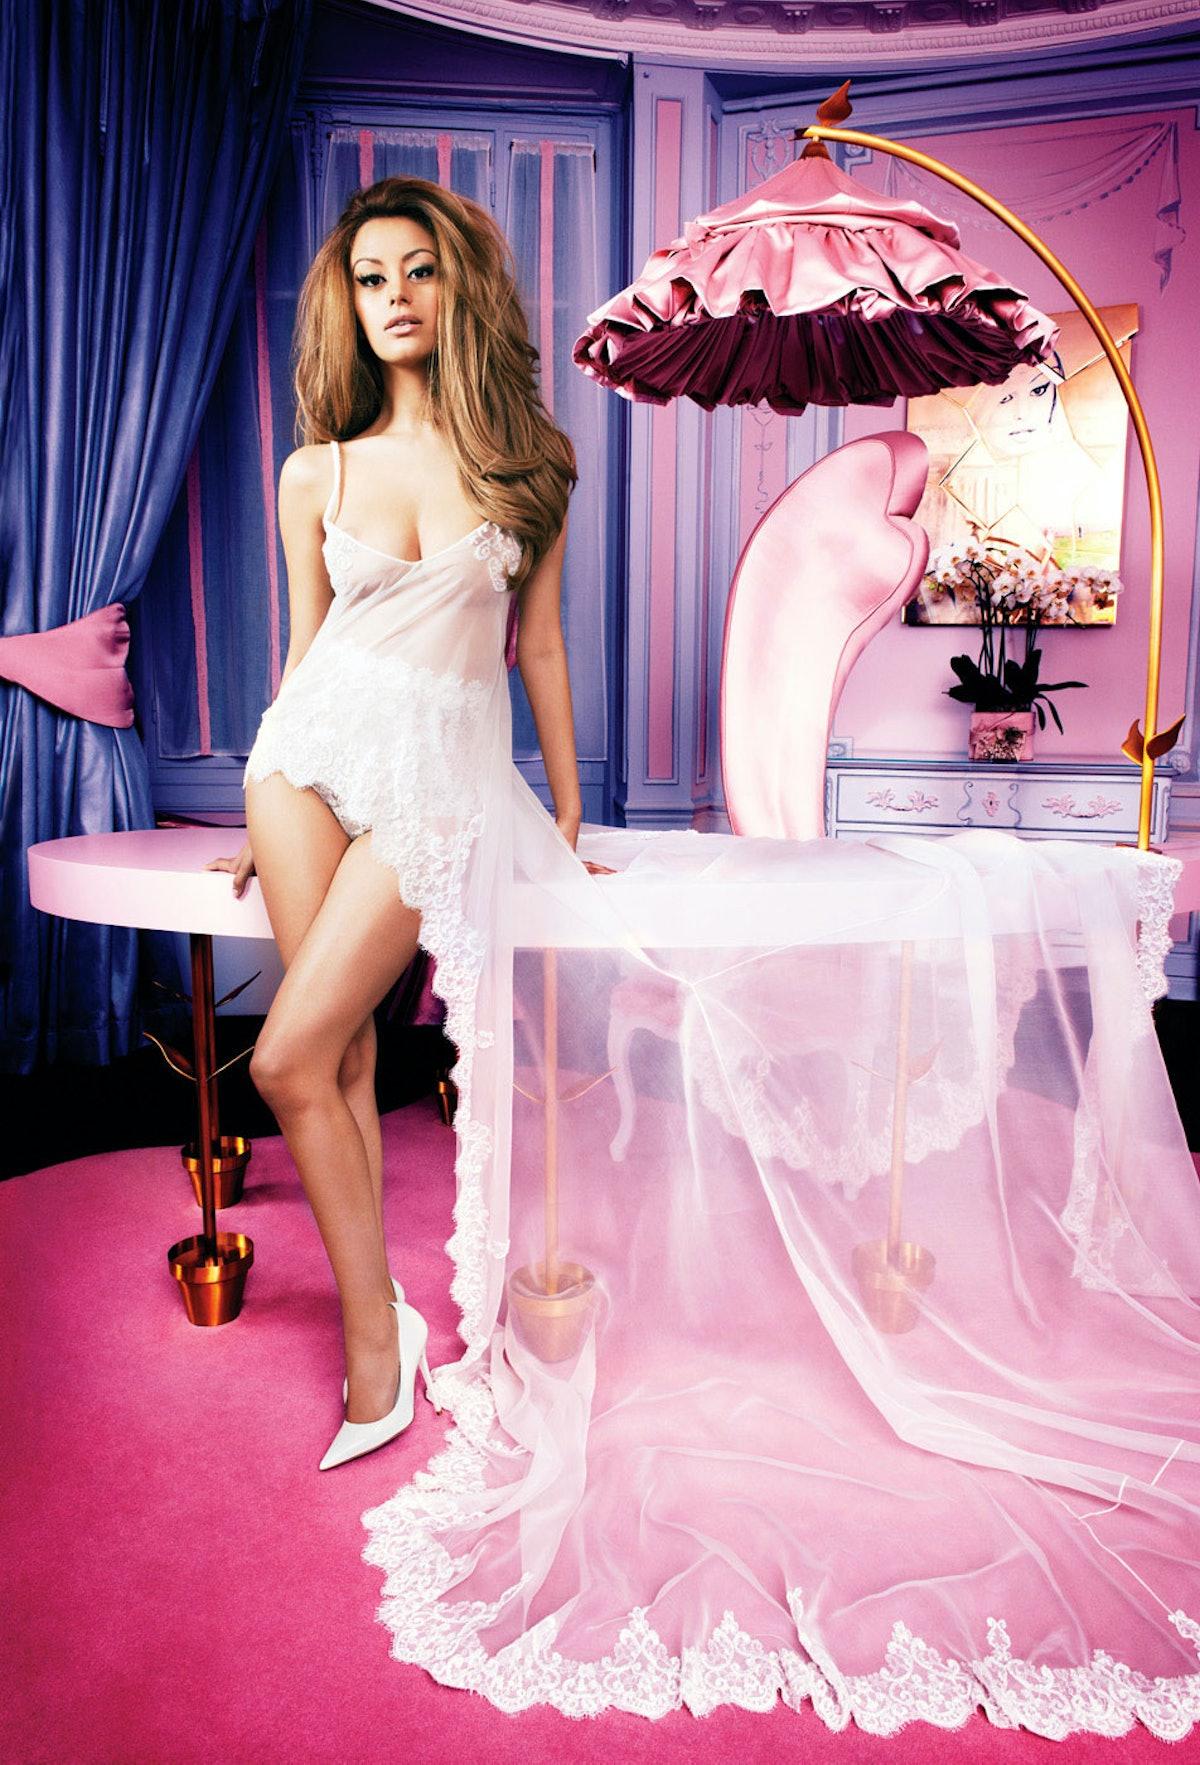 faar-zahia-dehar-lingerie-designer-01